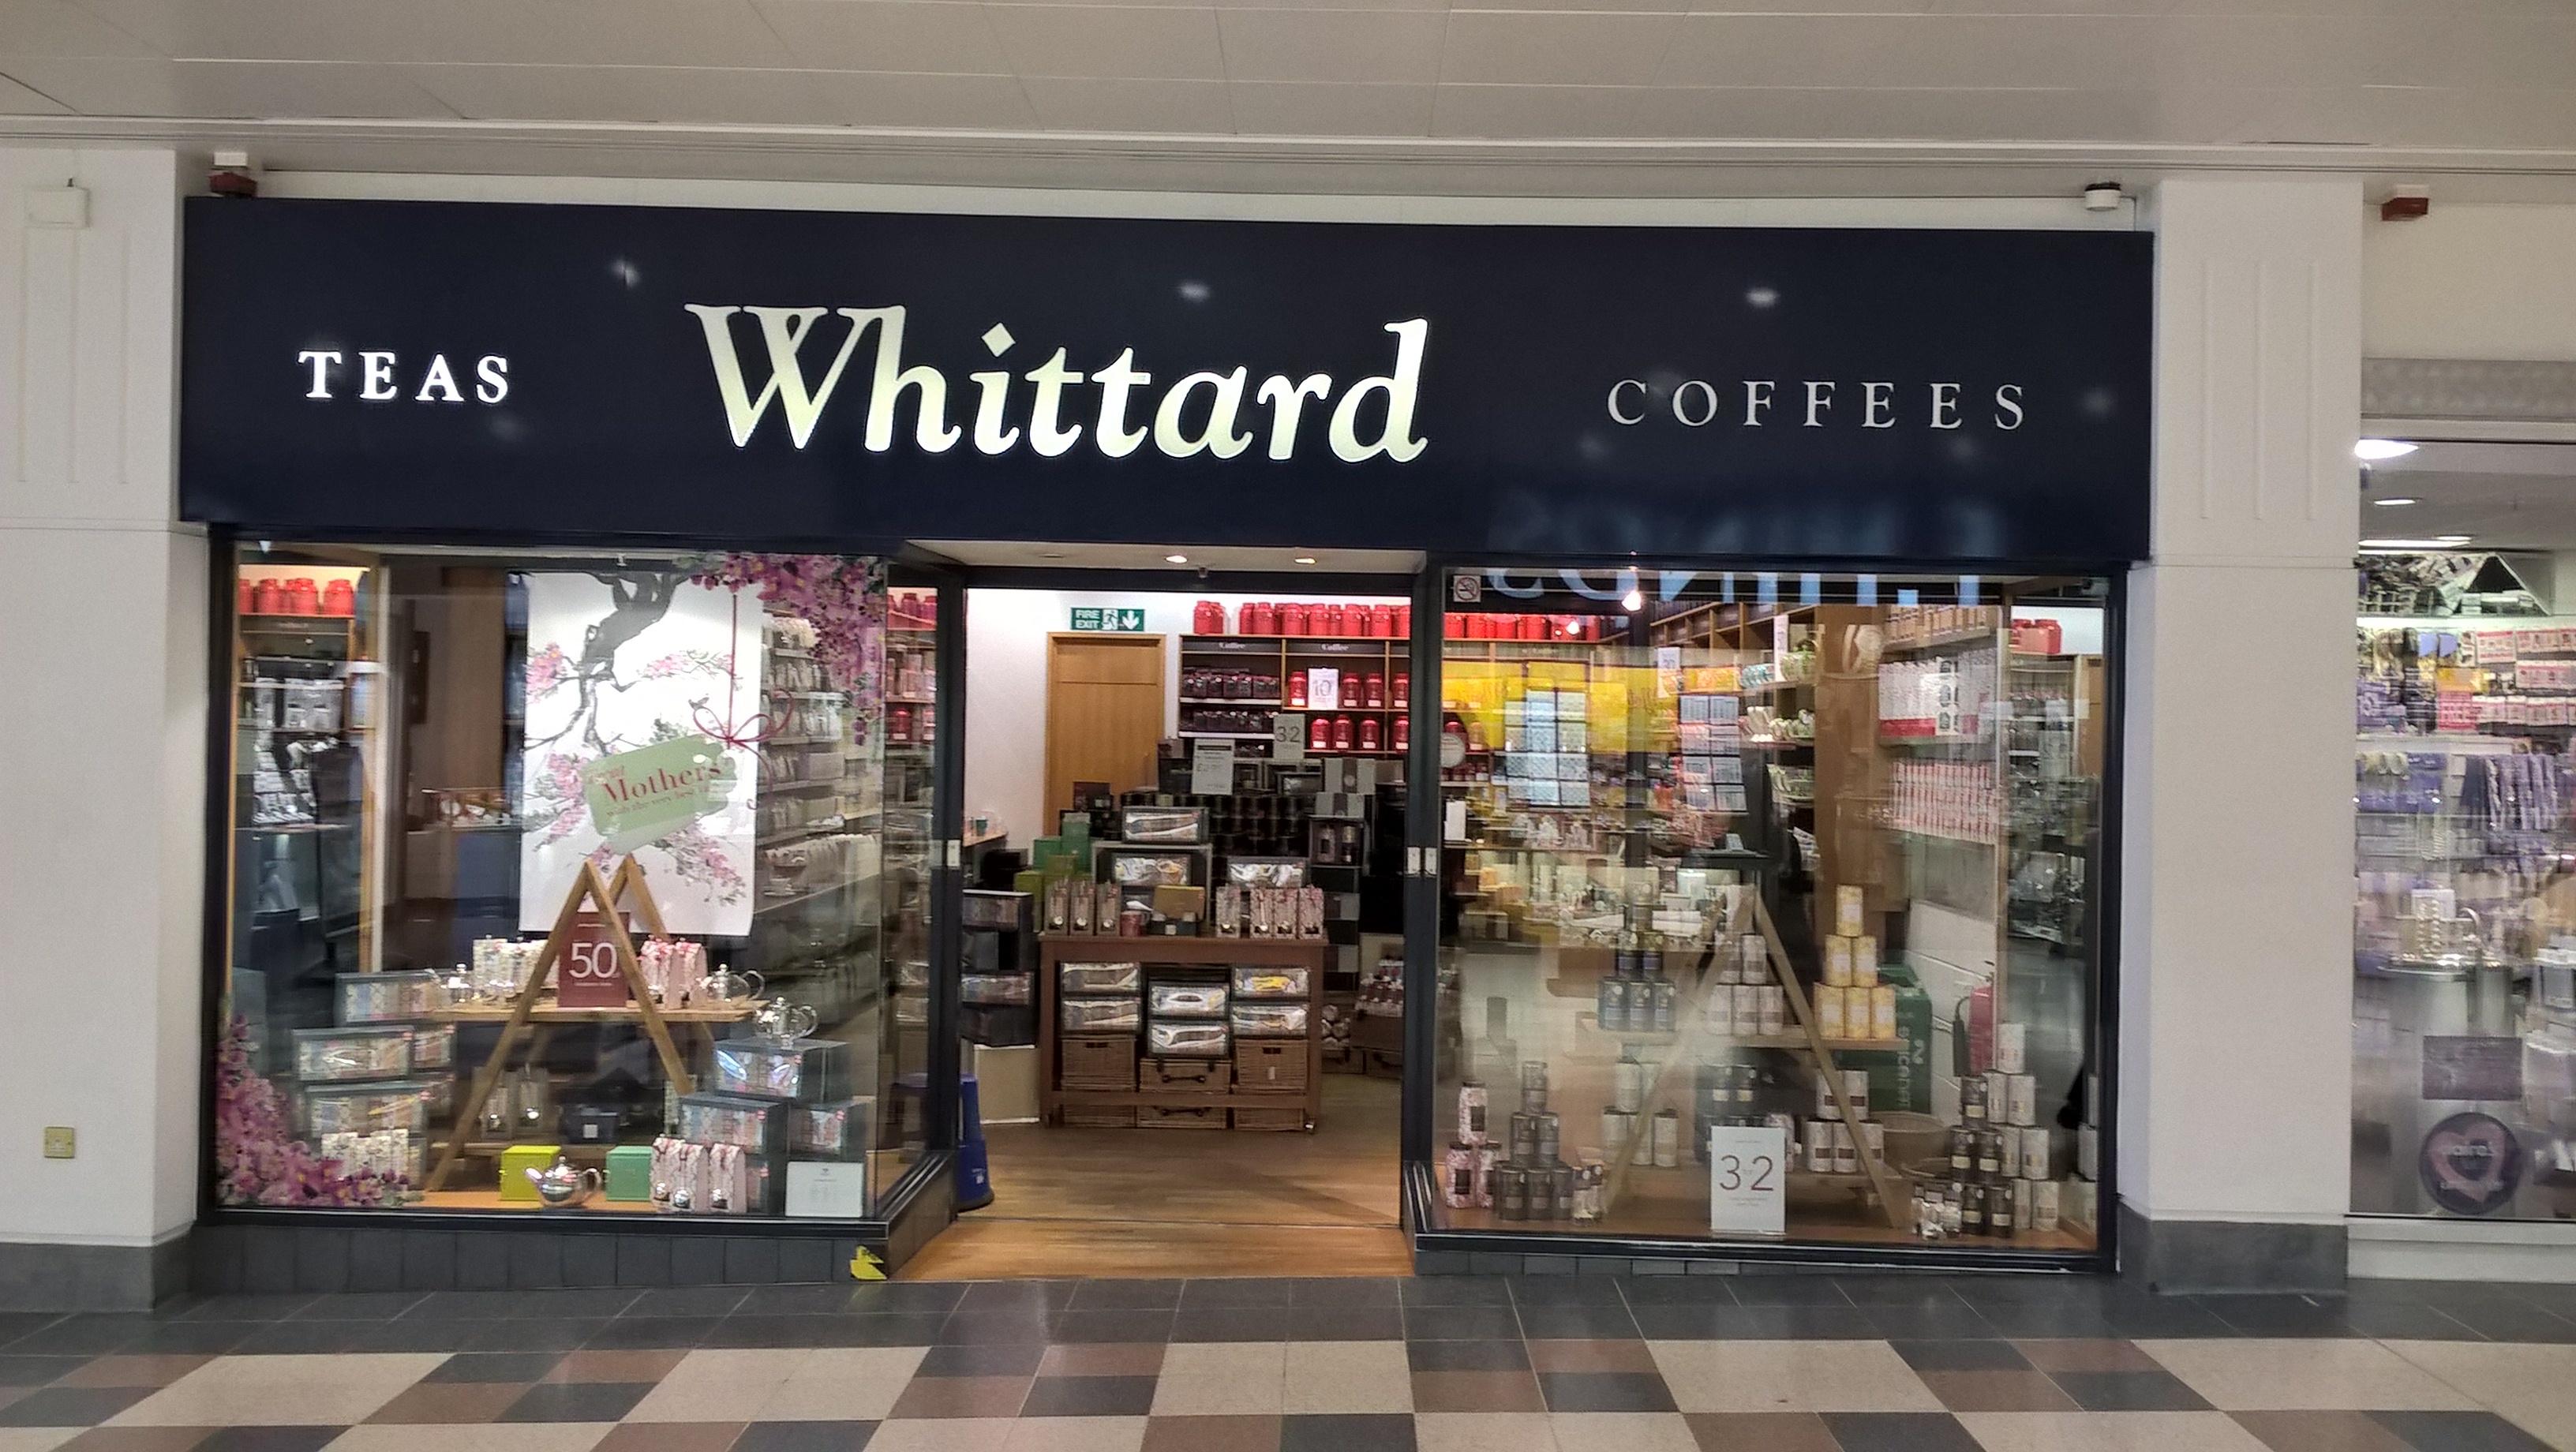 Marlands whittard